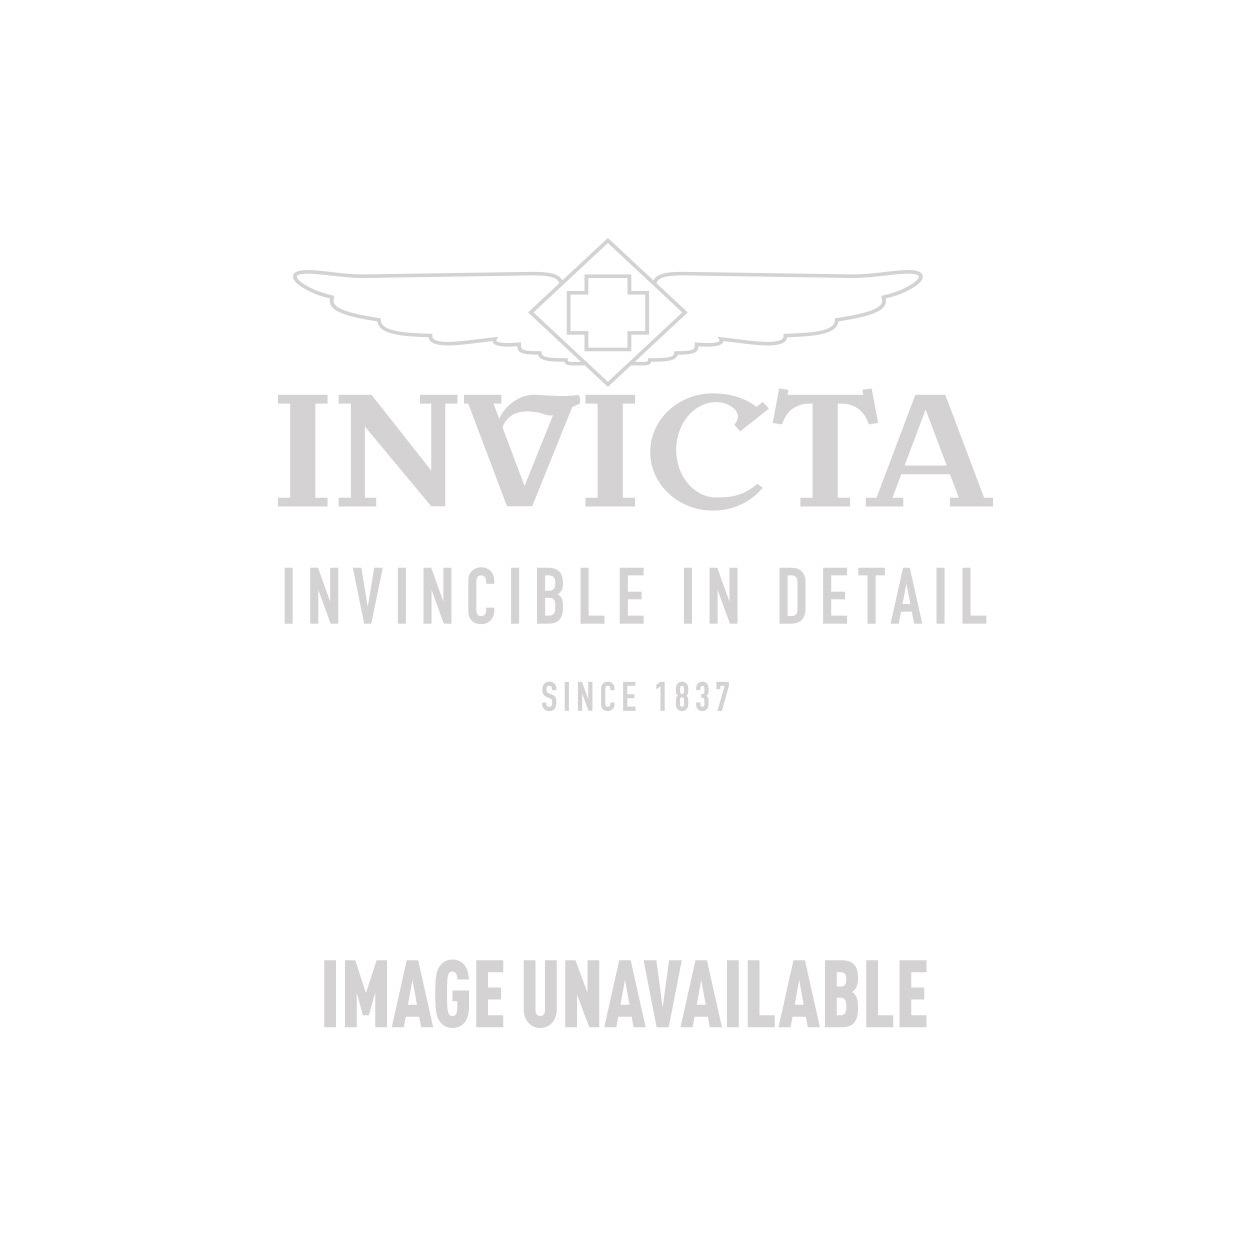 Invicta Model 27734